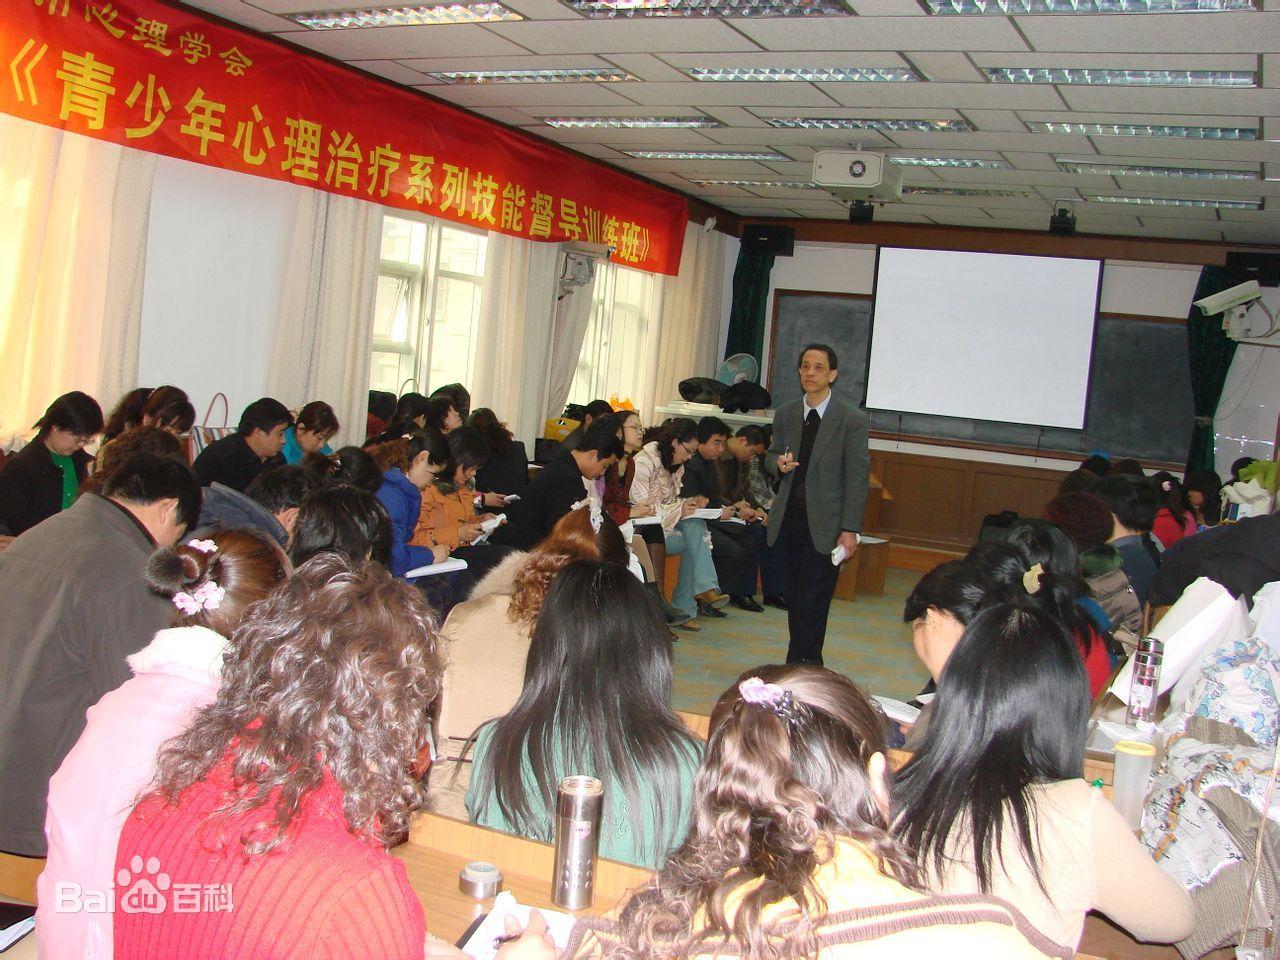 许天红老师与他辛勤培训的心理咨询师学生们合影